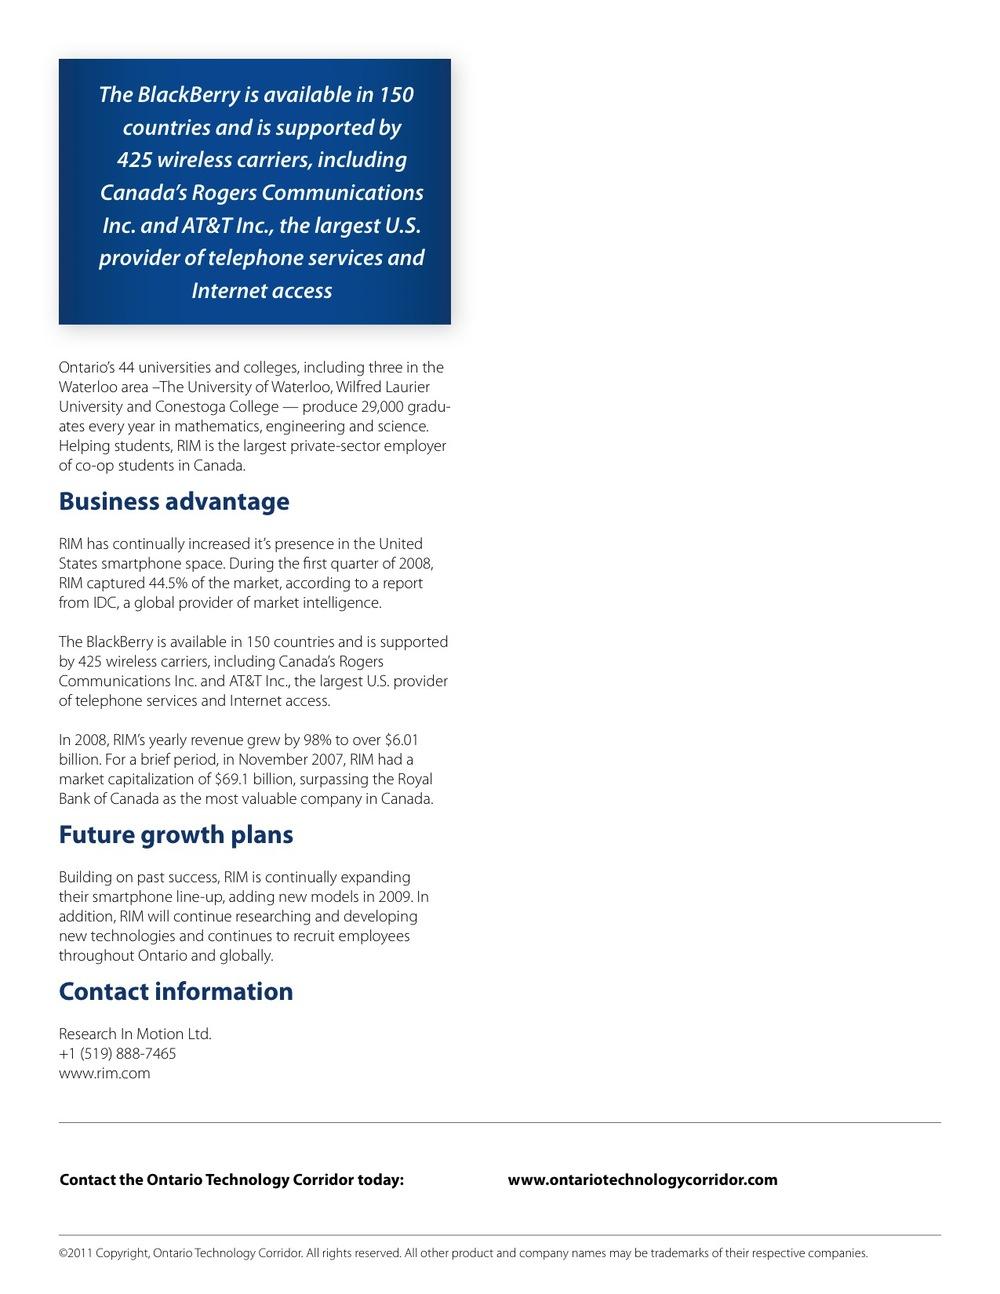 OTC-success-rim-feb2011-view-page2.jpg